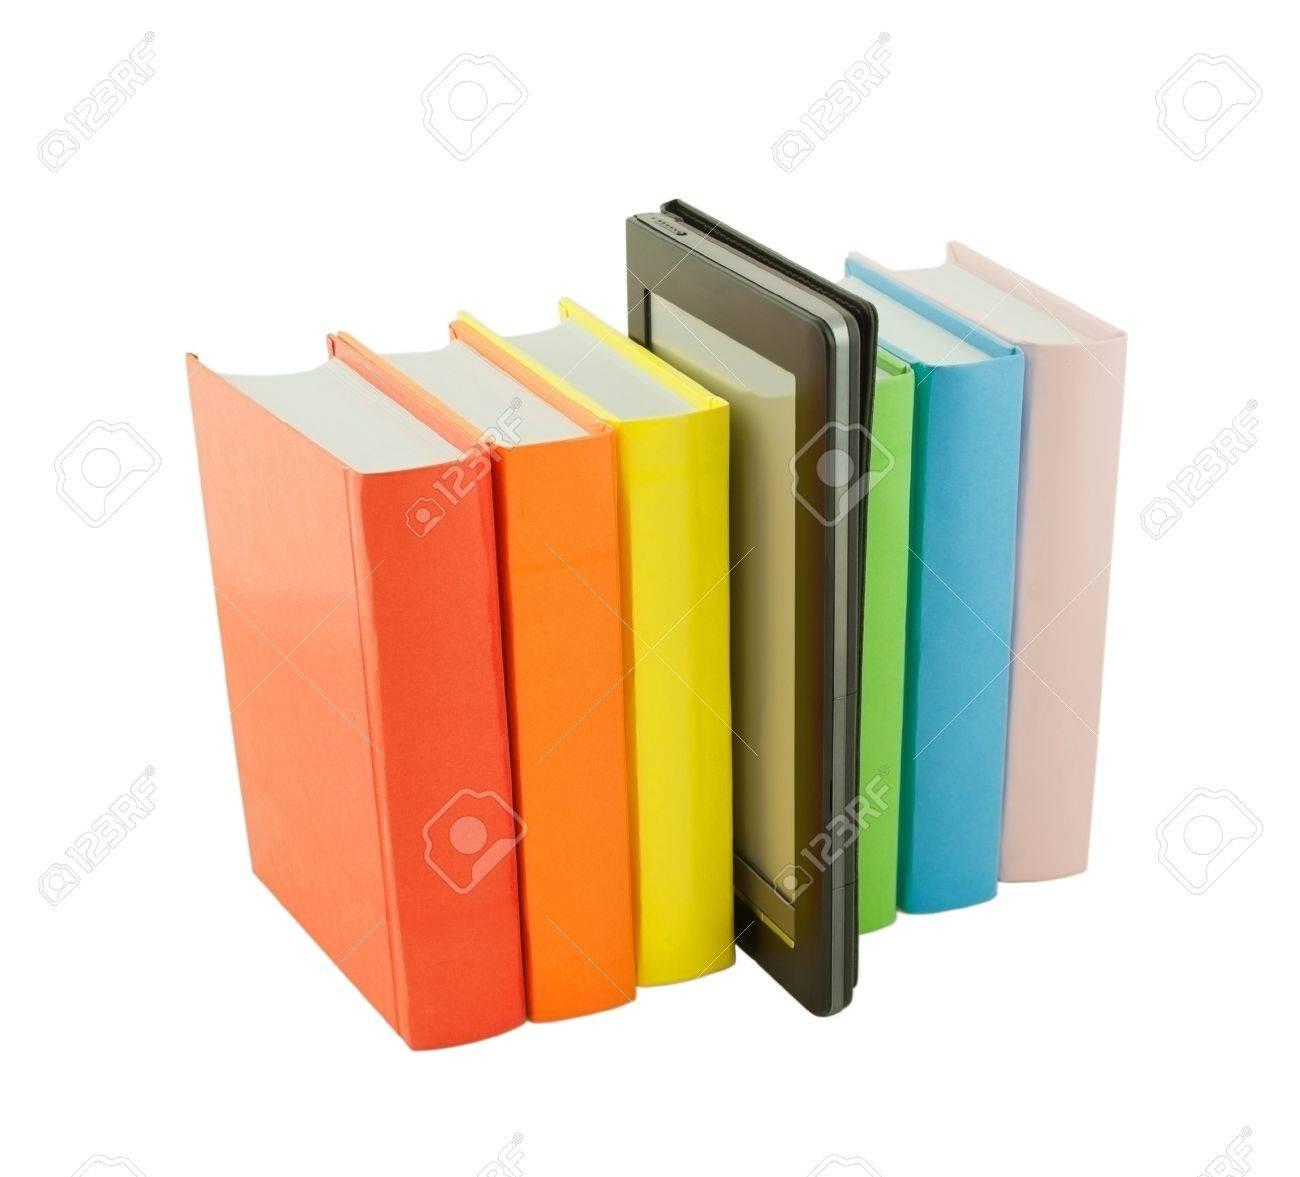 Rangee De Livres Colores Et Lecteur De Livre Electronique Isole Sur Fond Blanc